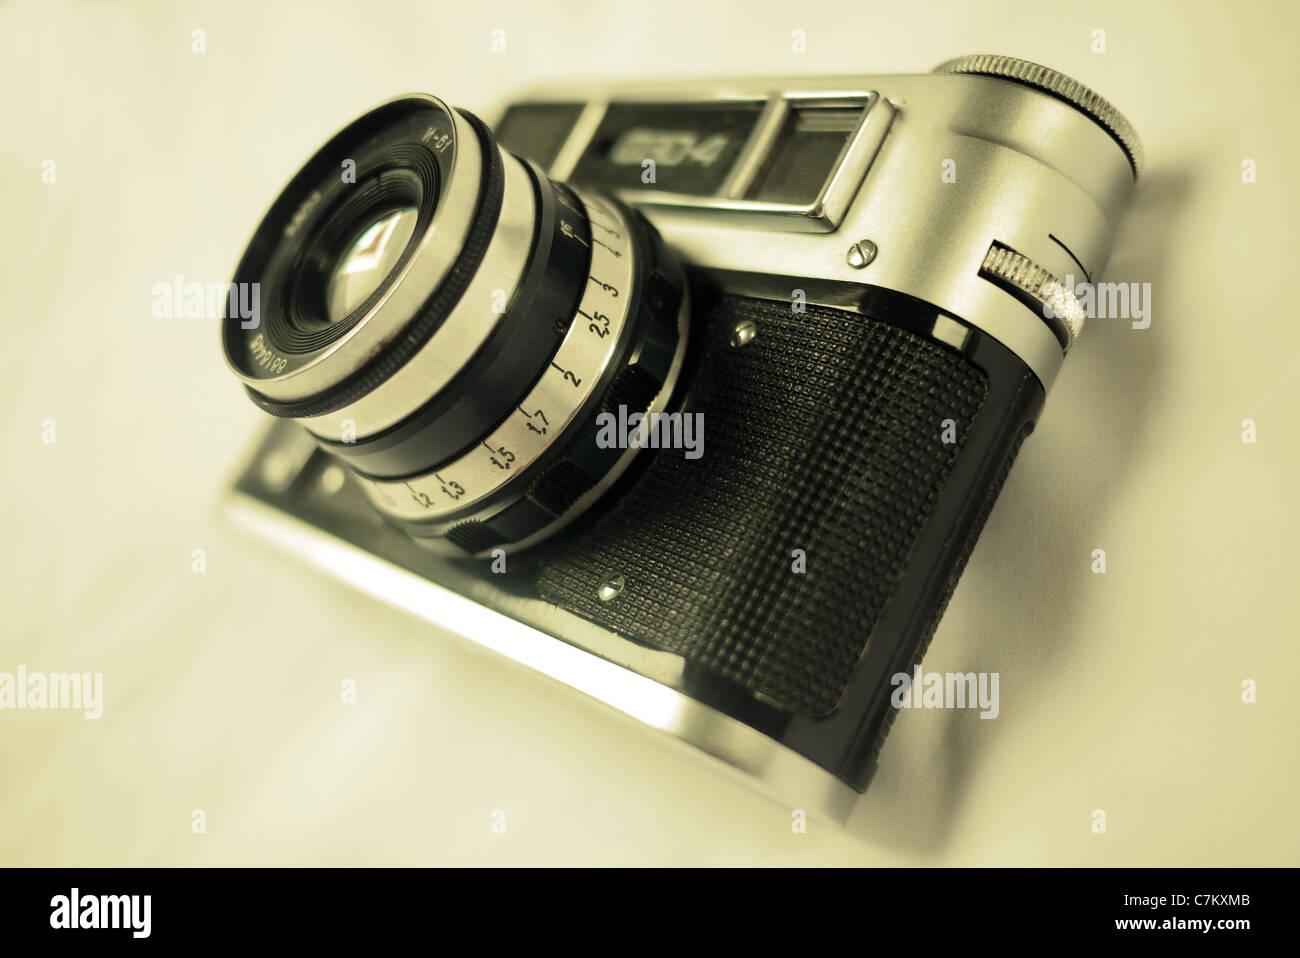 old Fed 4 35mm rangefinder camera - Stock Image